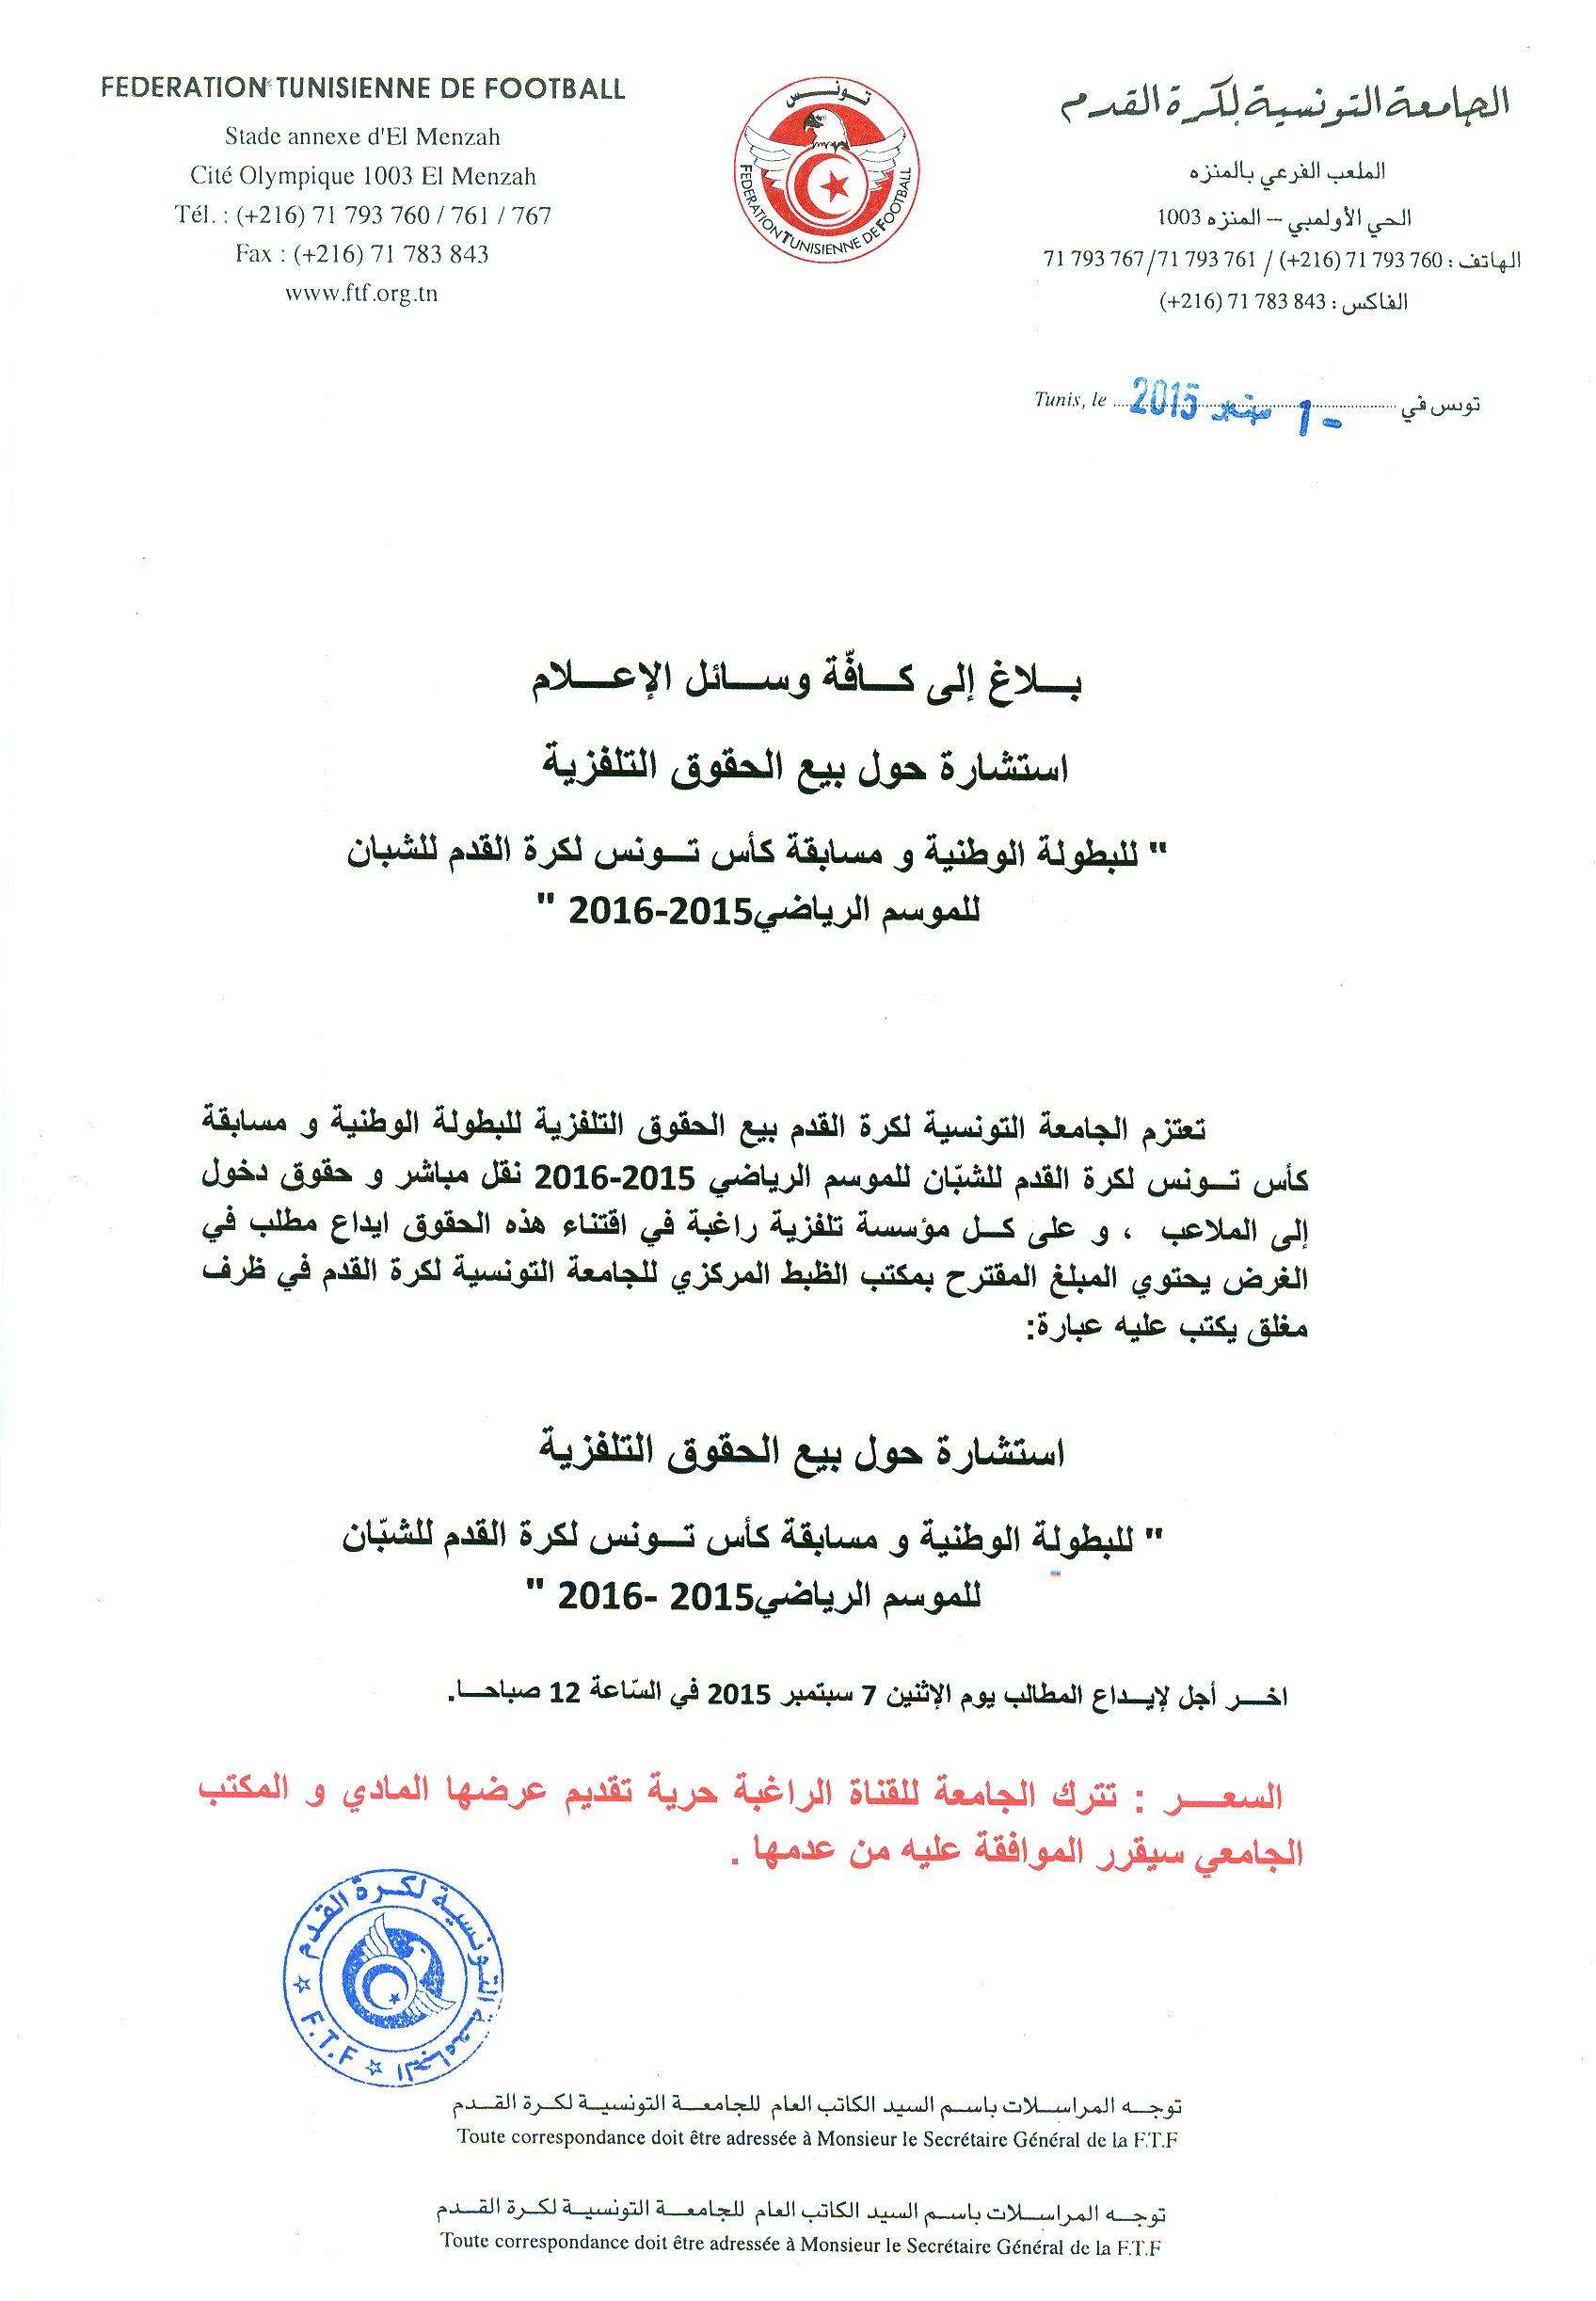 Avis aux médias - Consultation pour la vente des droits TV des compétitions des Jeunes